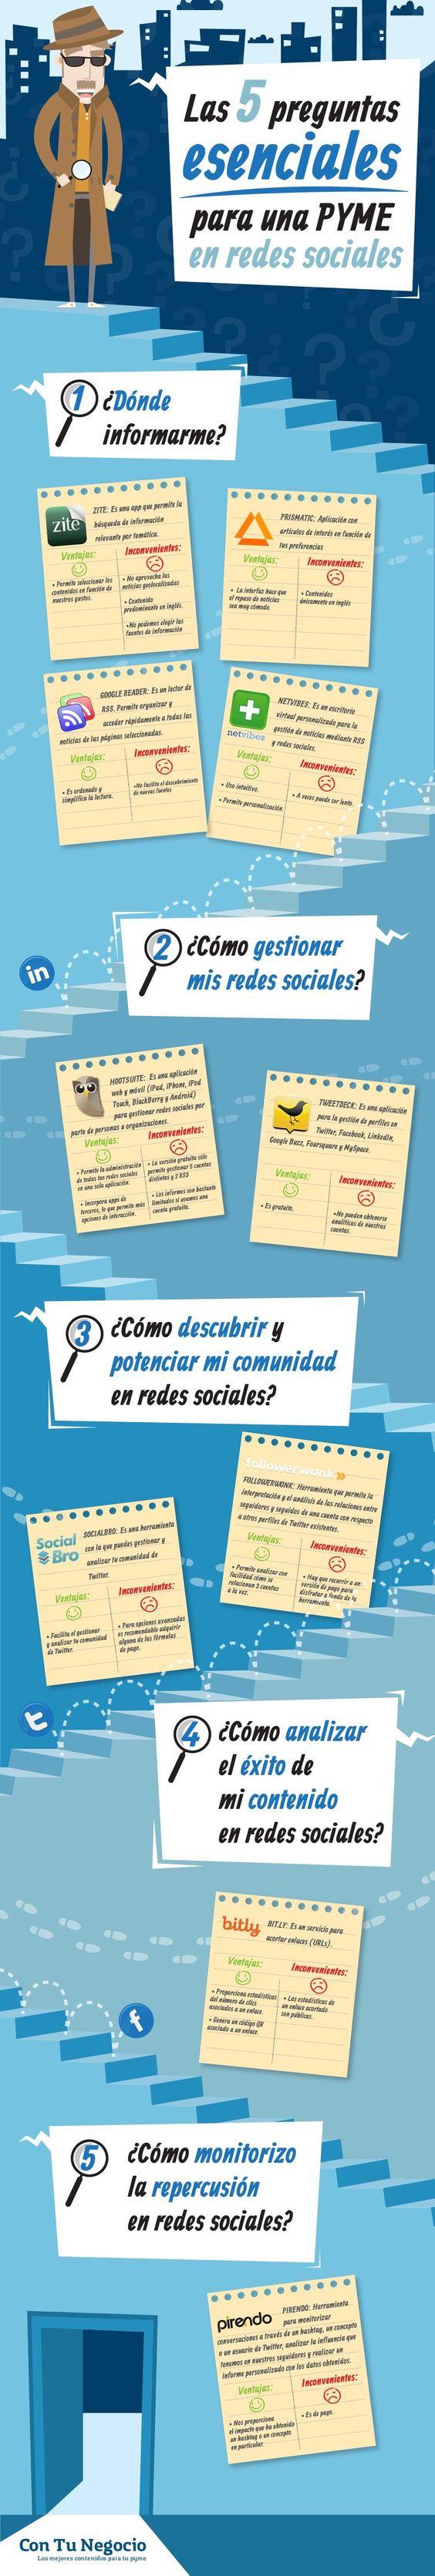 5 preguntas esenciales para Pymes en redes sociales